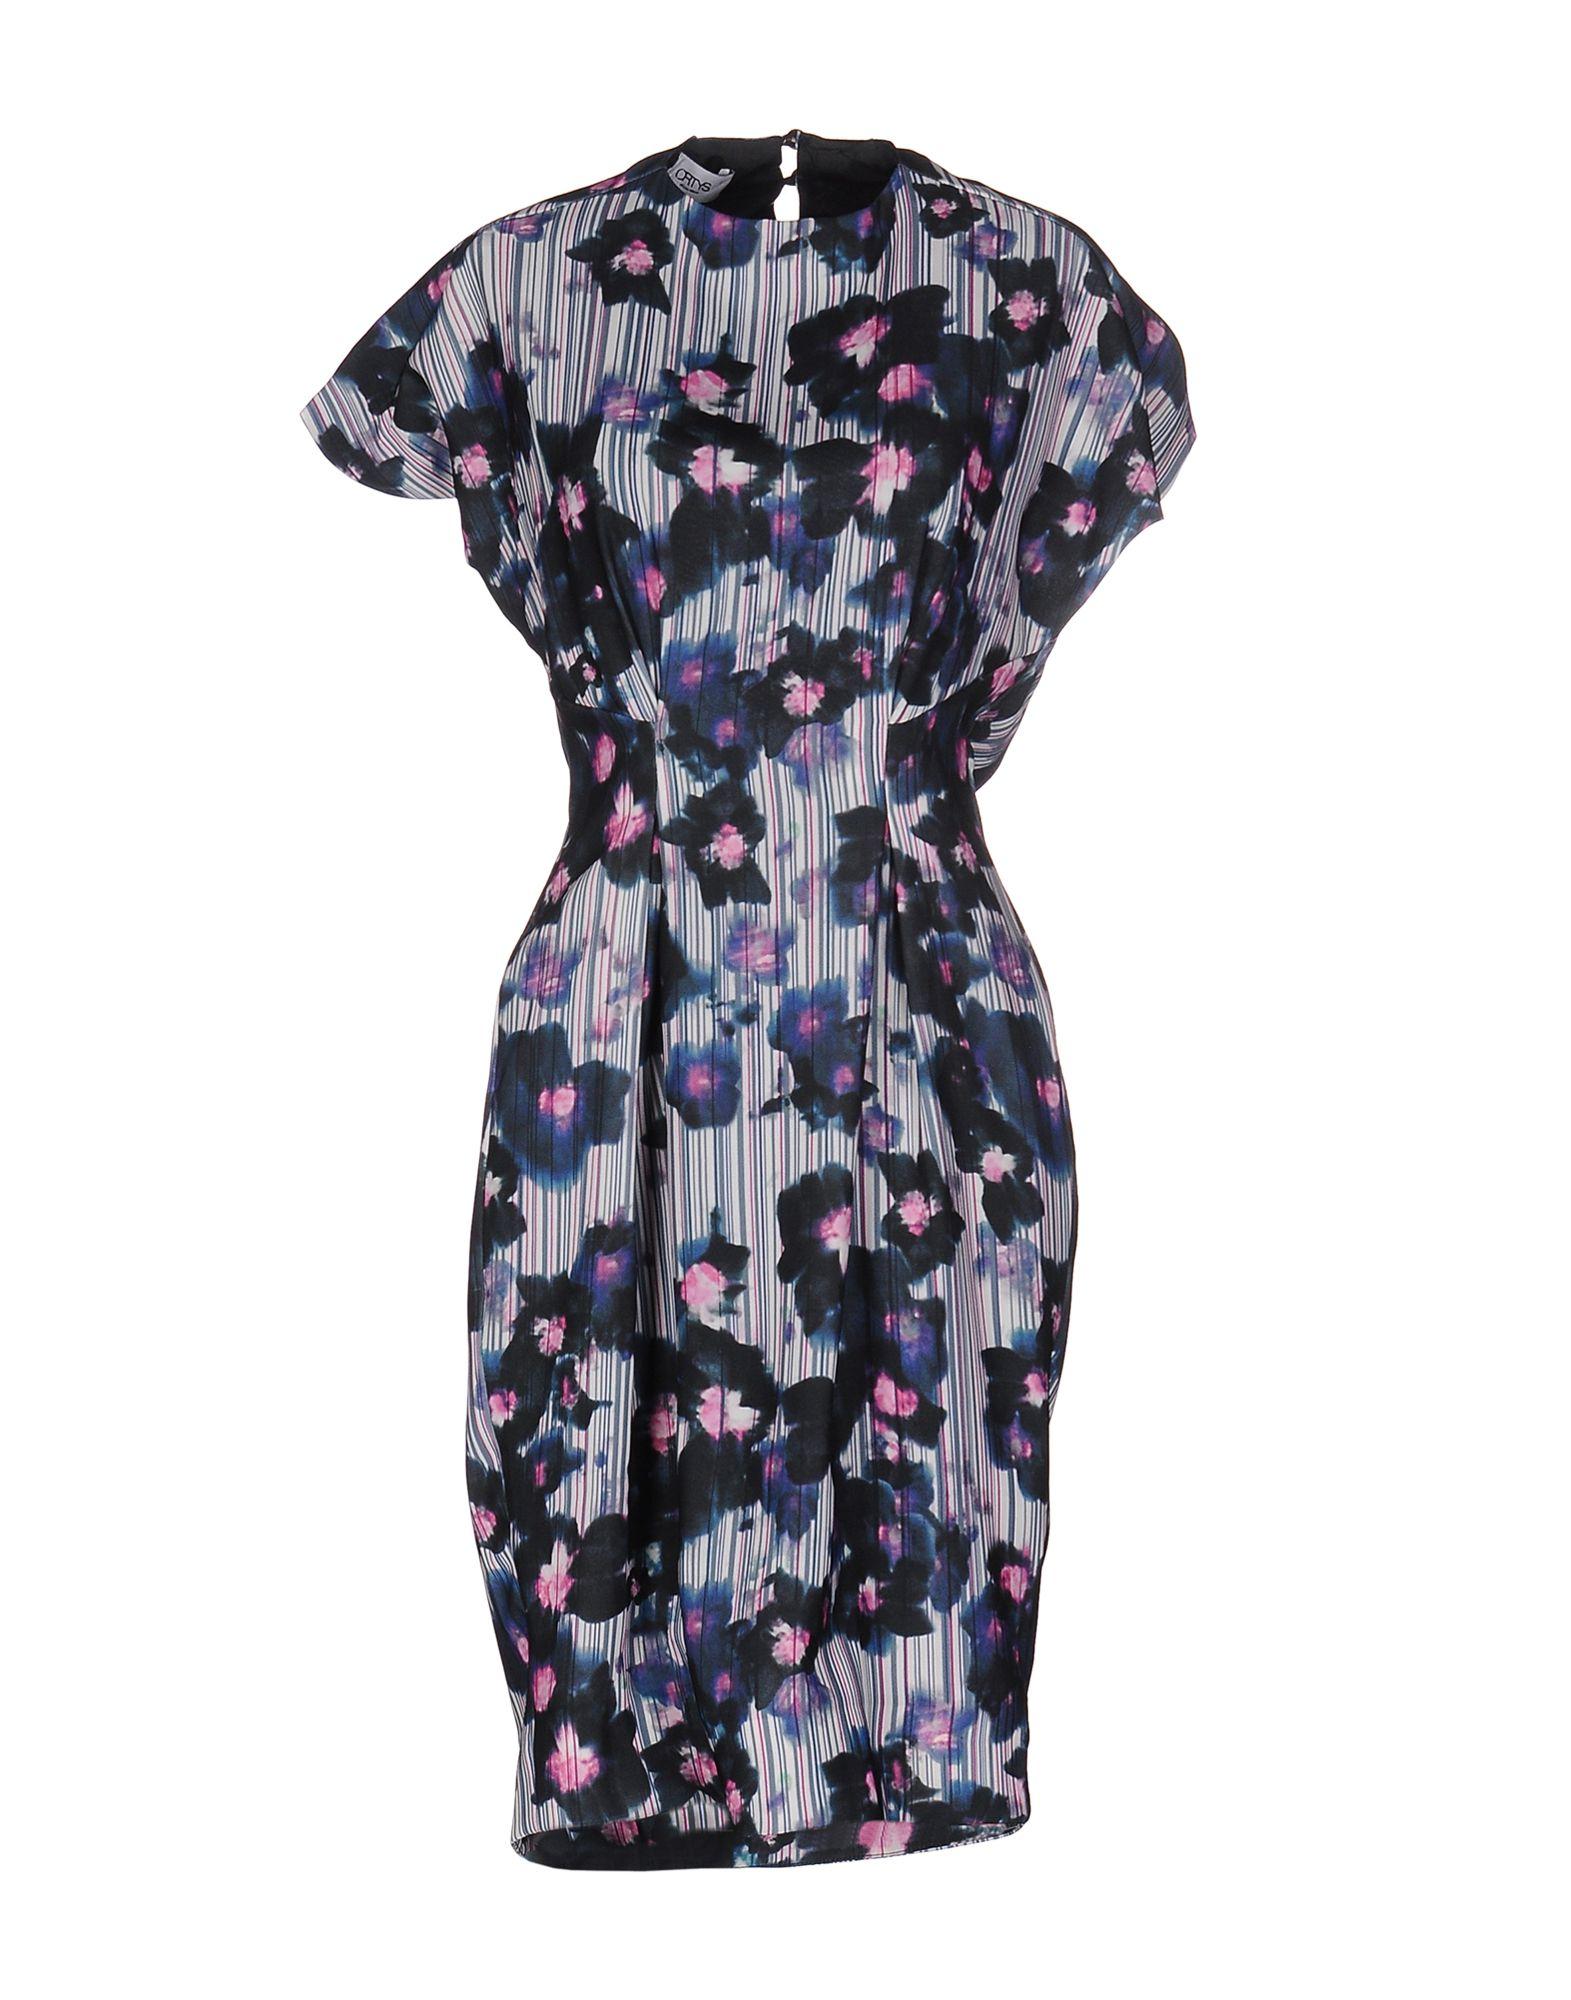 цены на ORTYS OFFICINA MILANO Платье до колена в интернет-магазинах